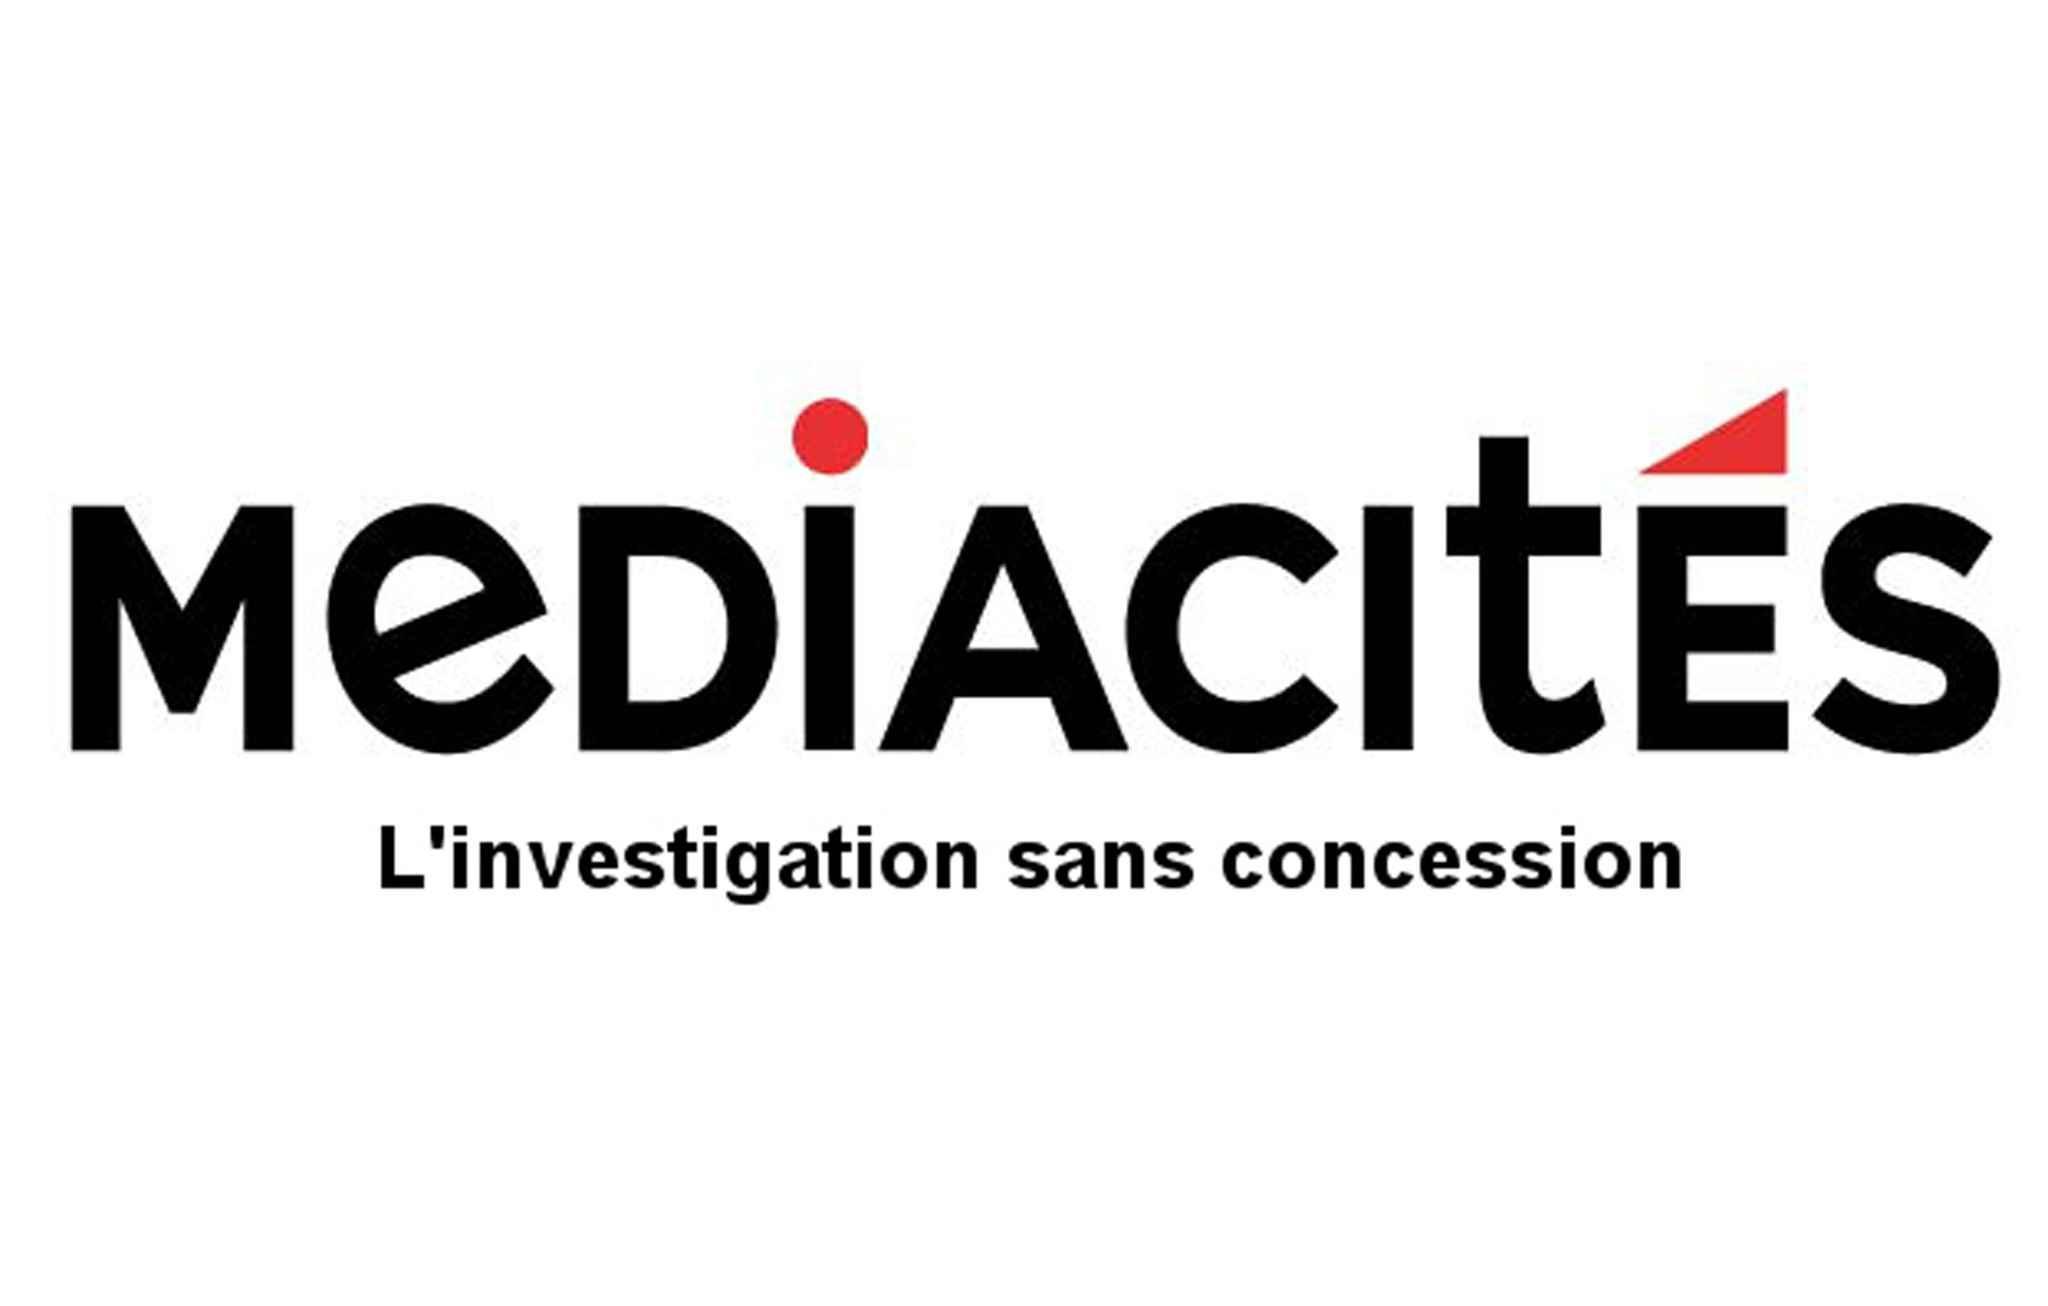 Mediacites company logo